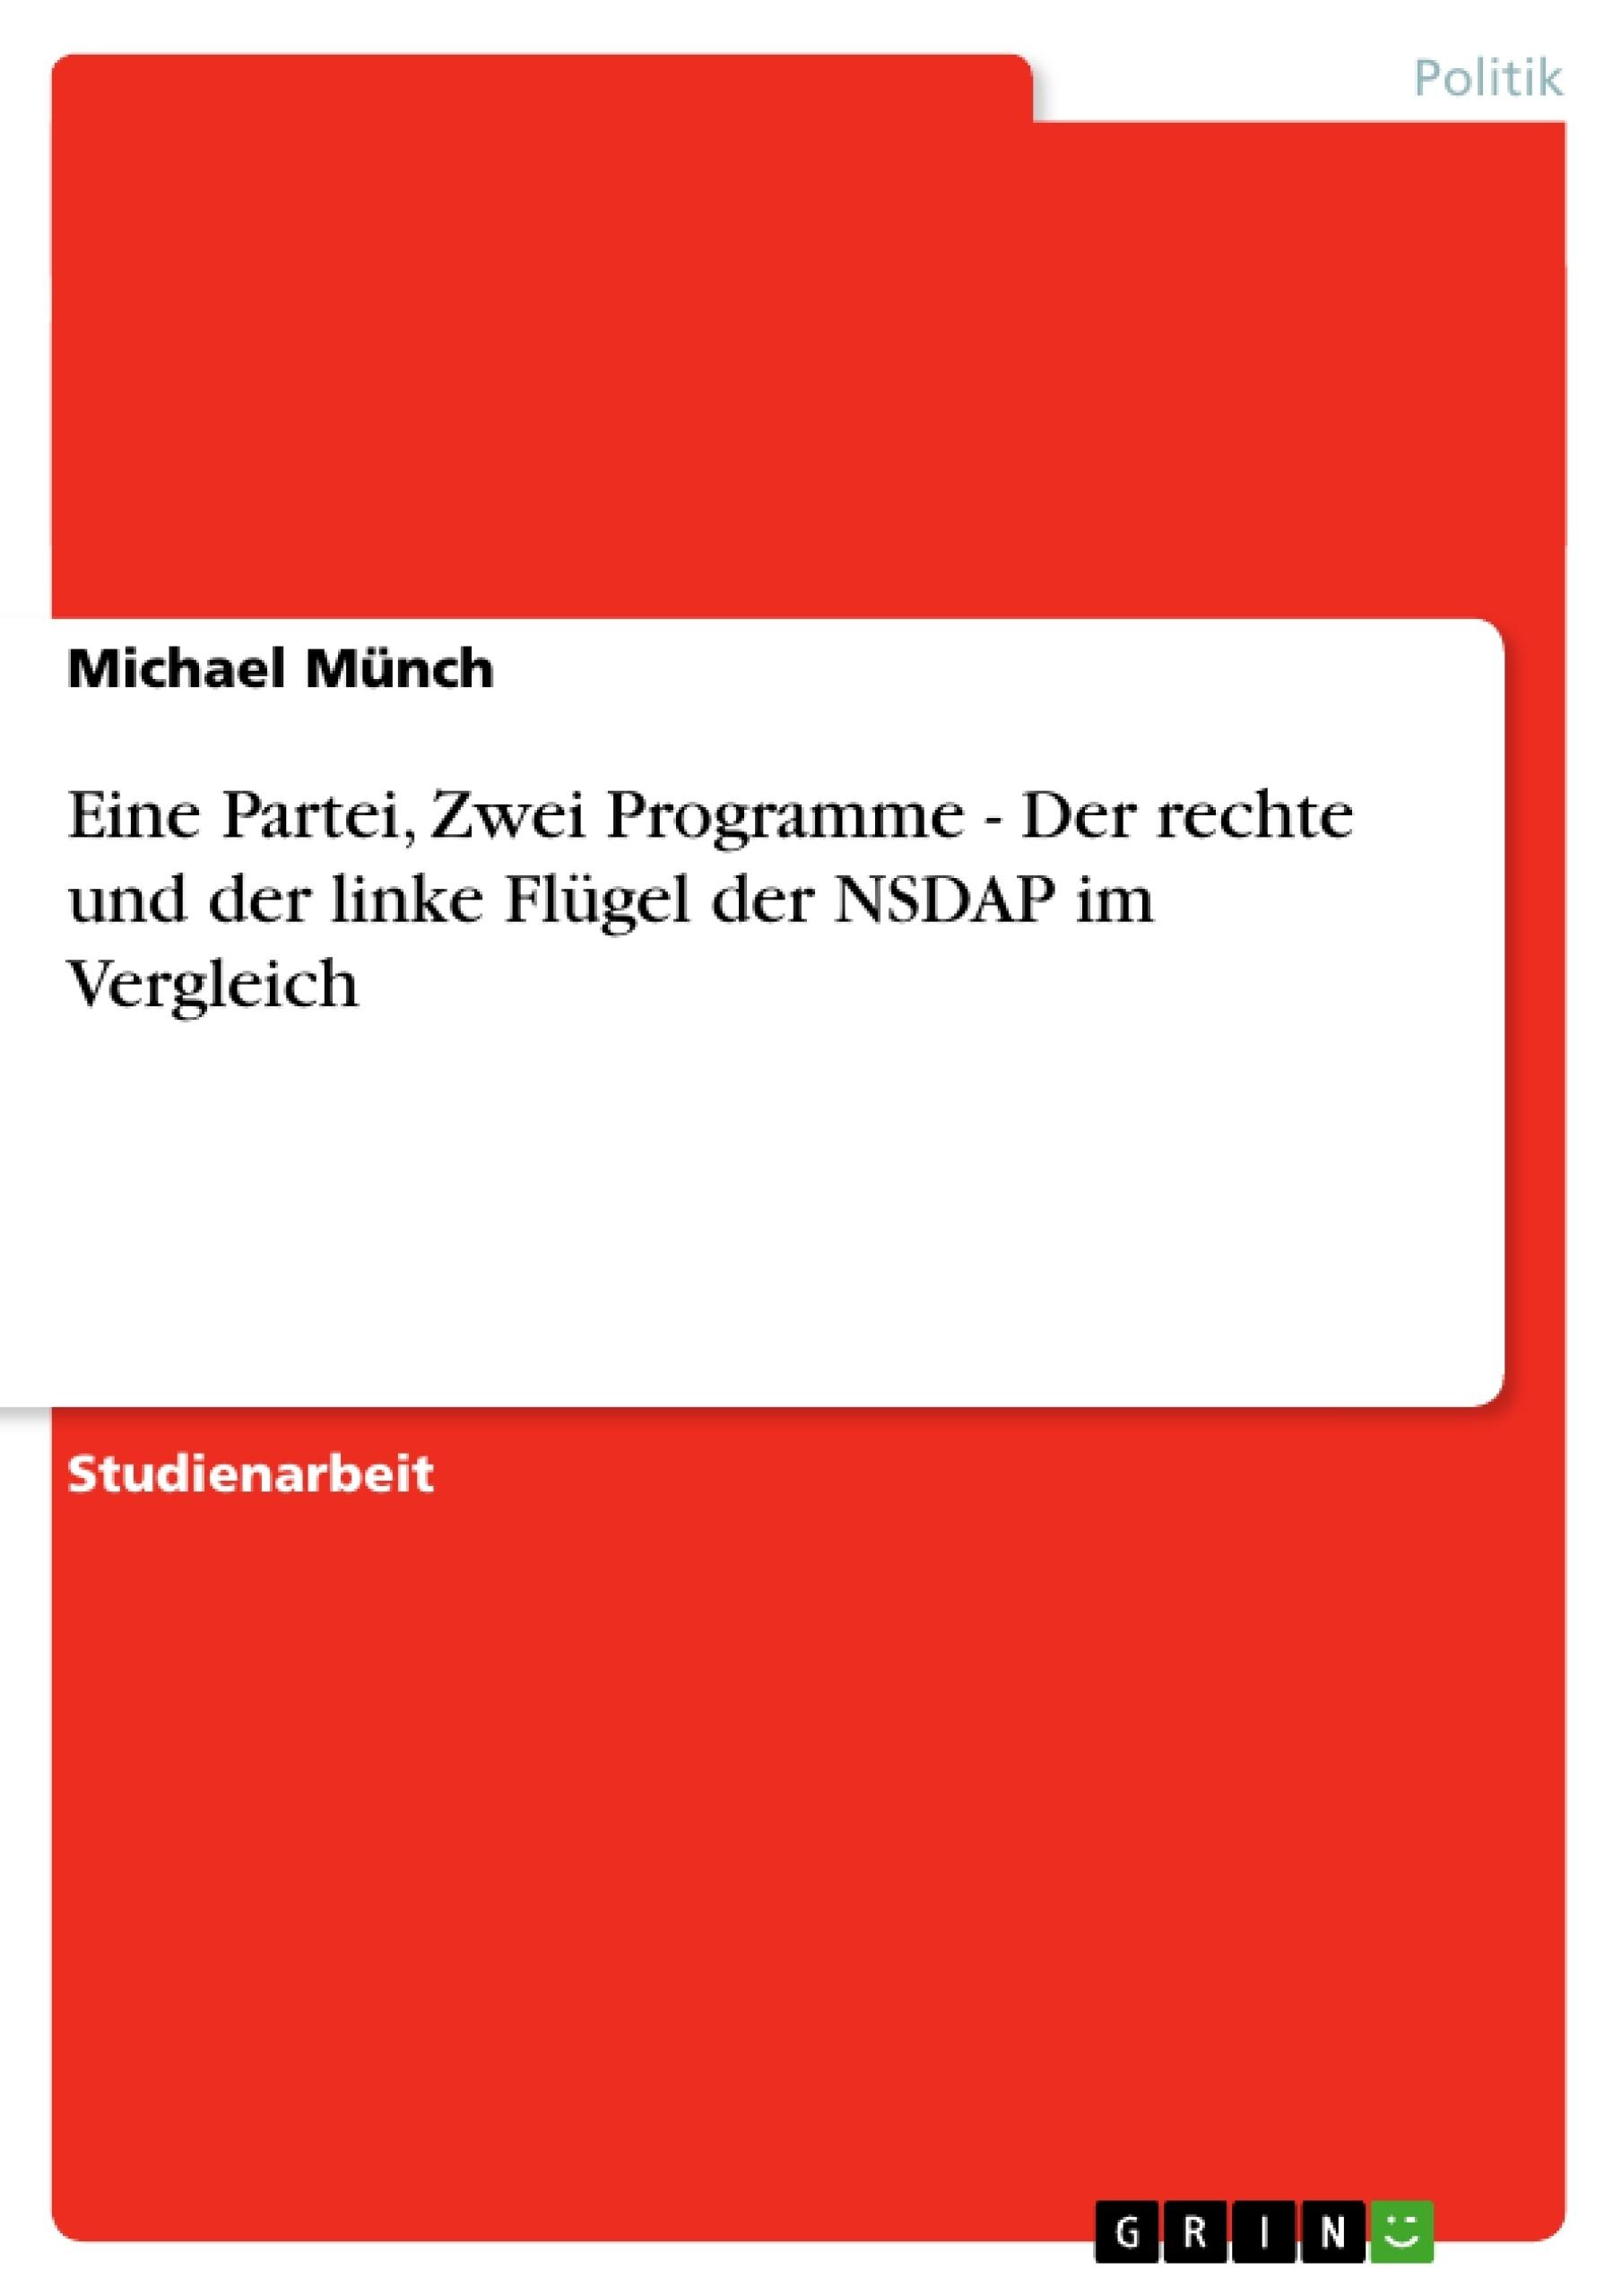 Titel: Eine Partei, Zwei Programme - Der rechte und der linke Flügel der NSDAP im Vergleich